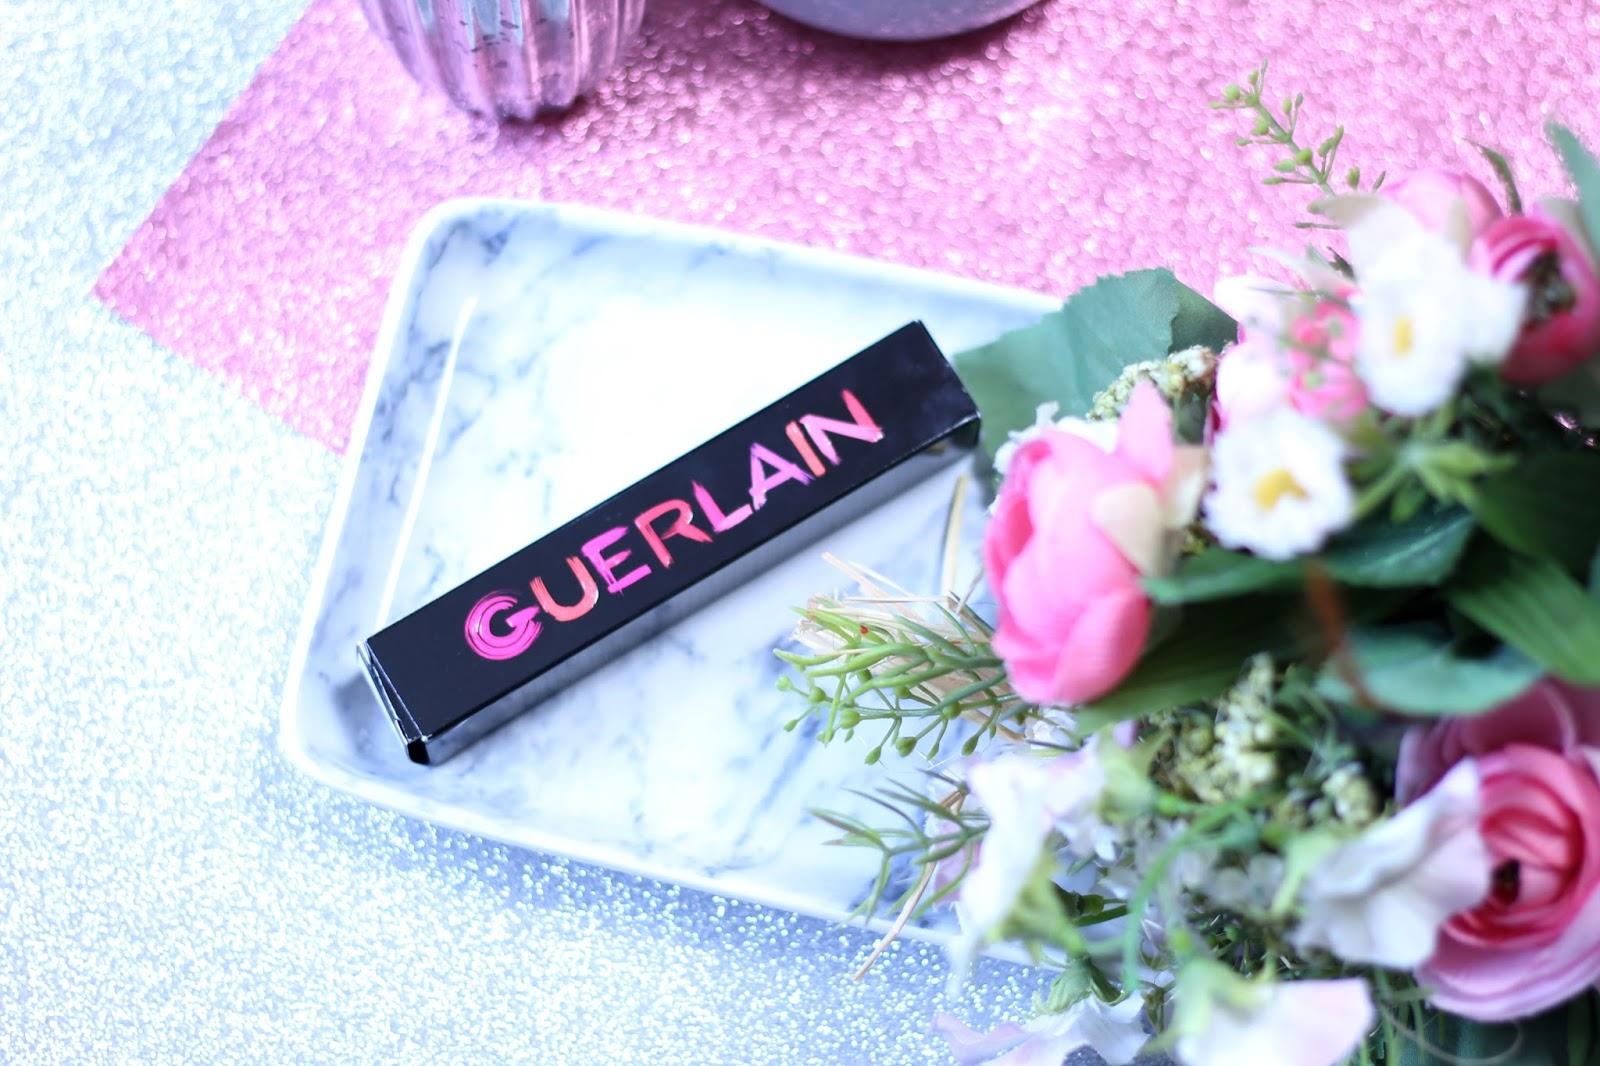 Guerlain La Petite Robe Noire Mascara